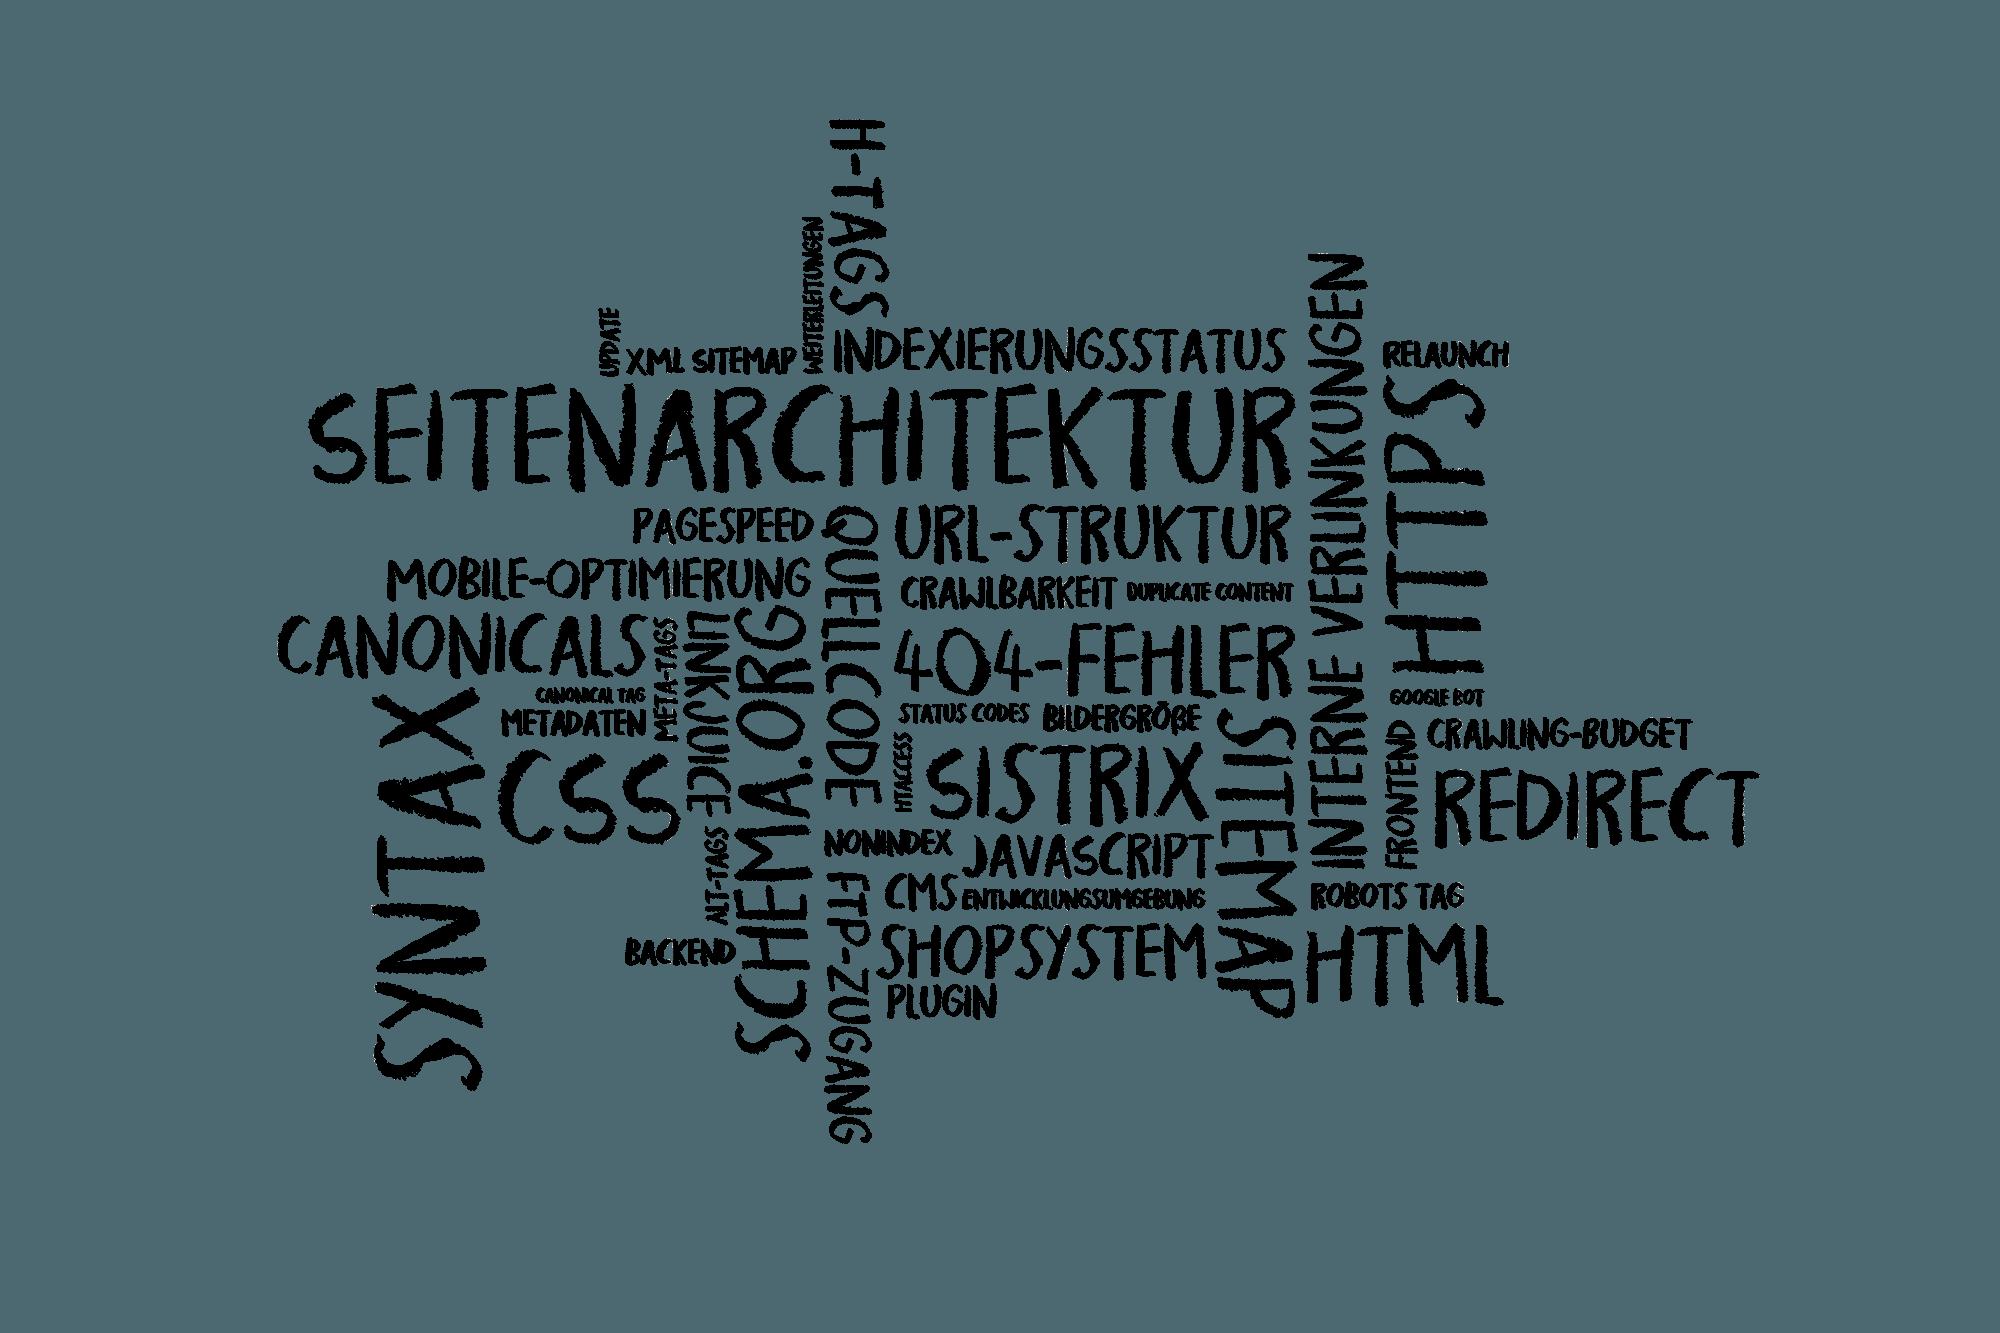 Wörterwolke mit Begriffen zur Suchmaschinenoptimierung